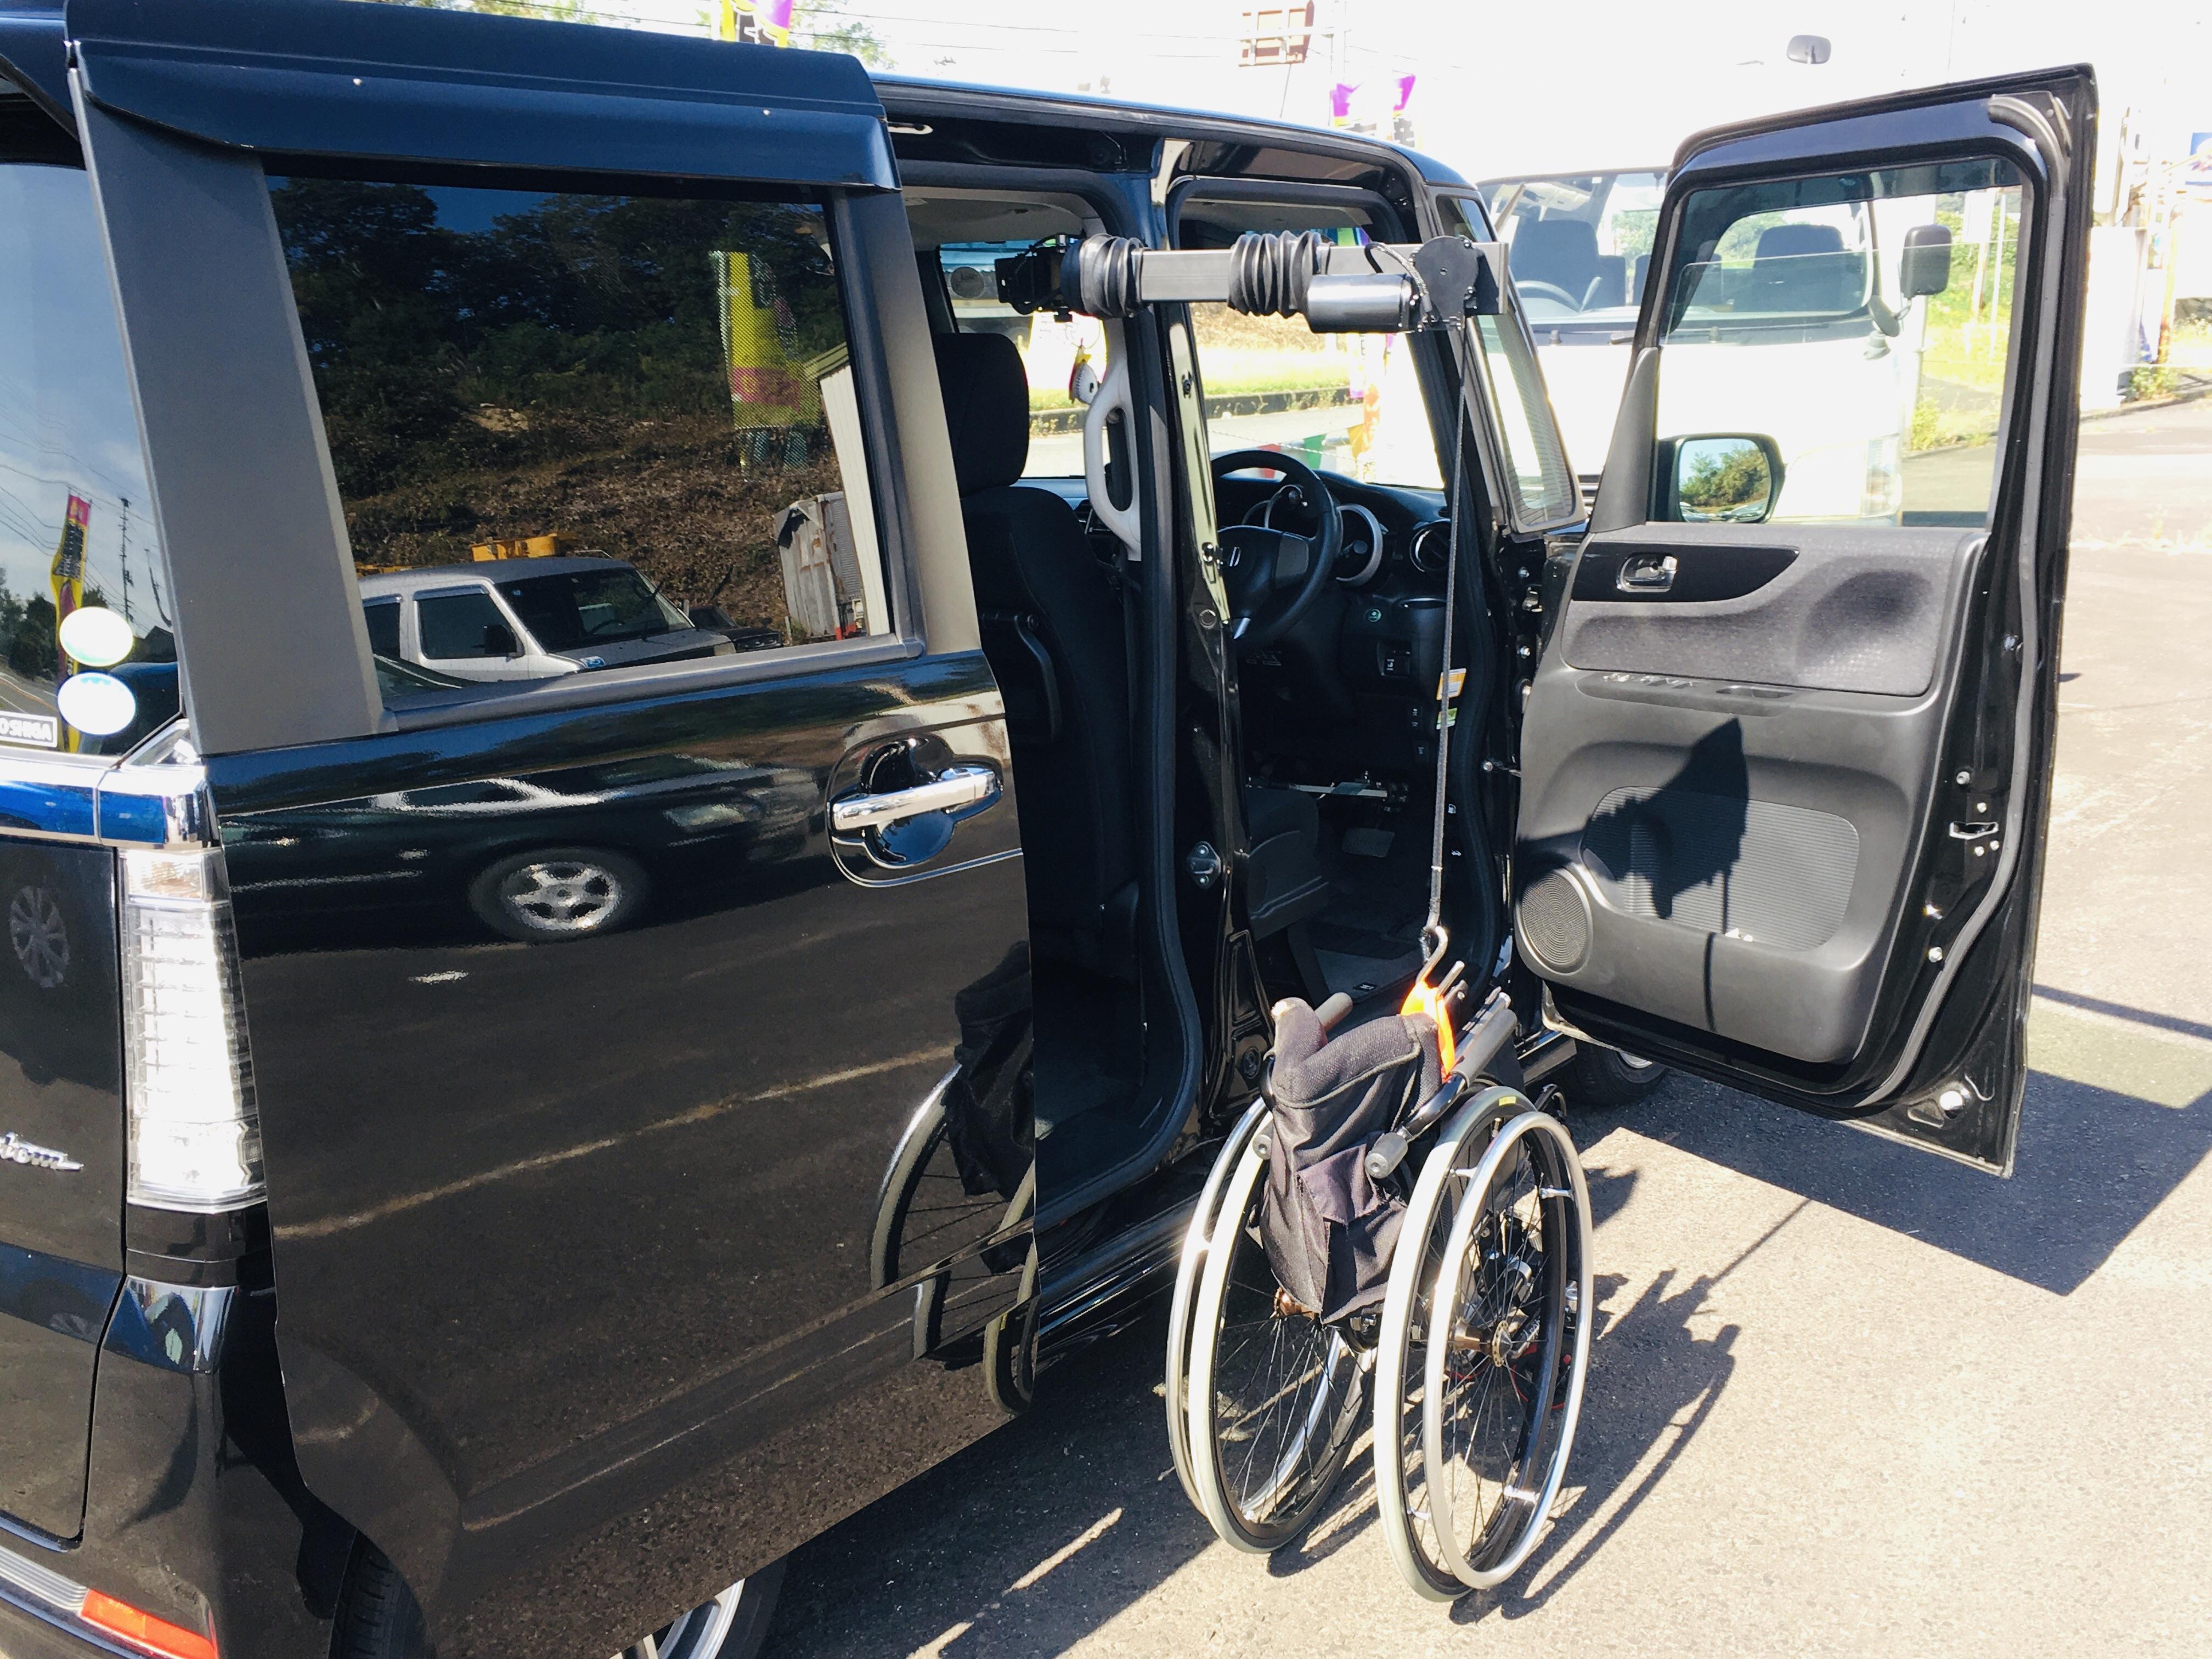 福祉車両改造 ホンダN-BOX 手動運転装置 福祉車両へ改造 201910 ⑬